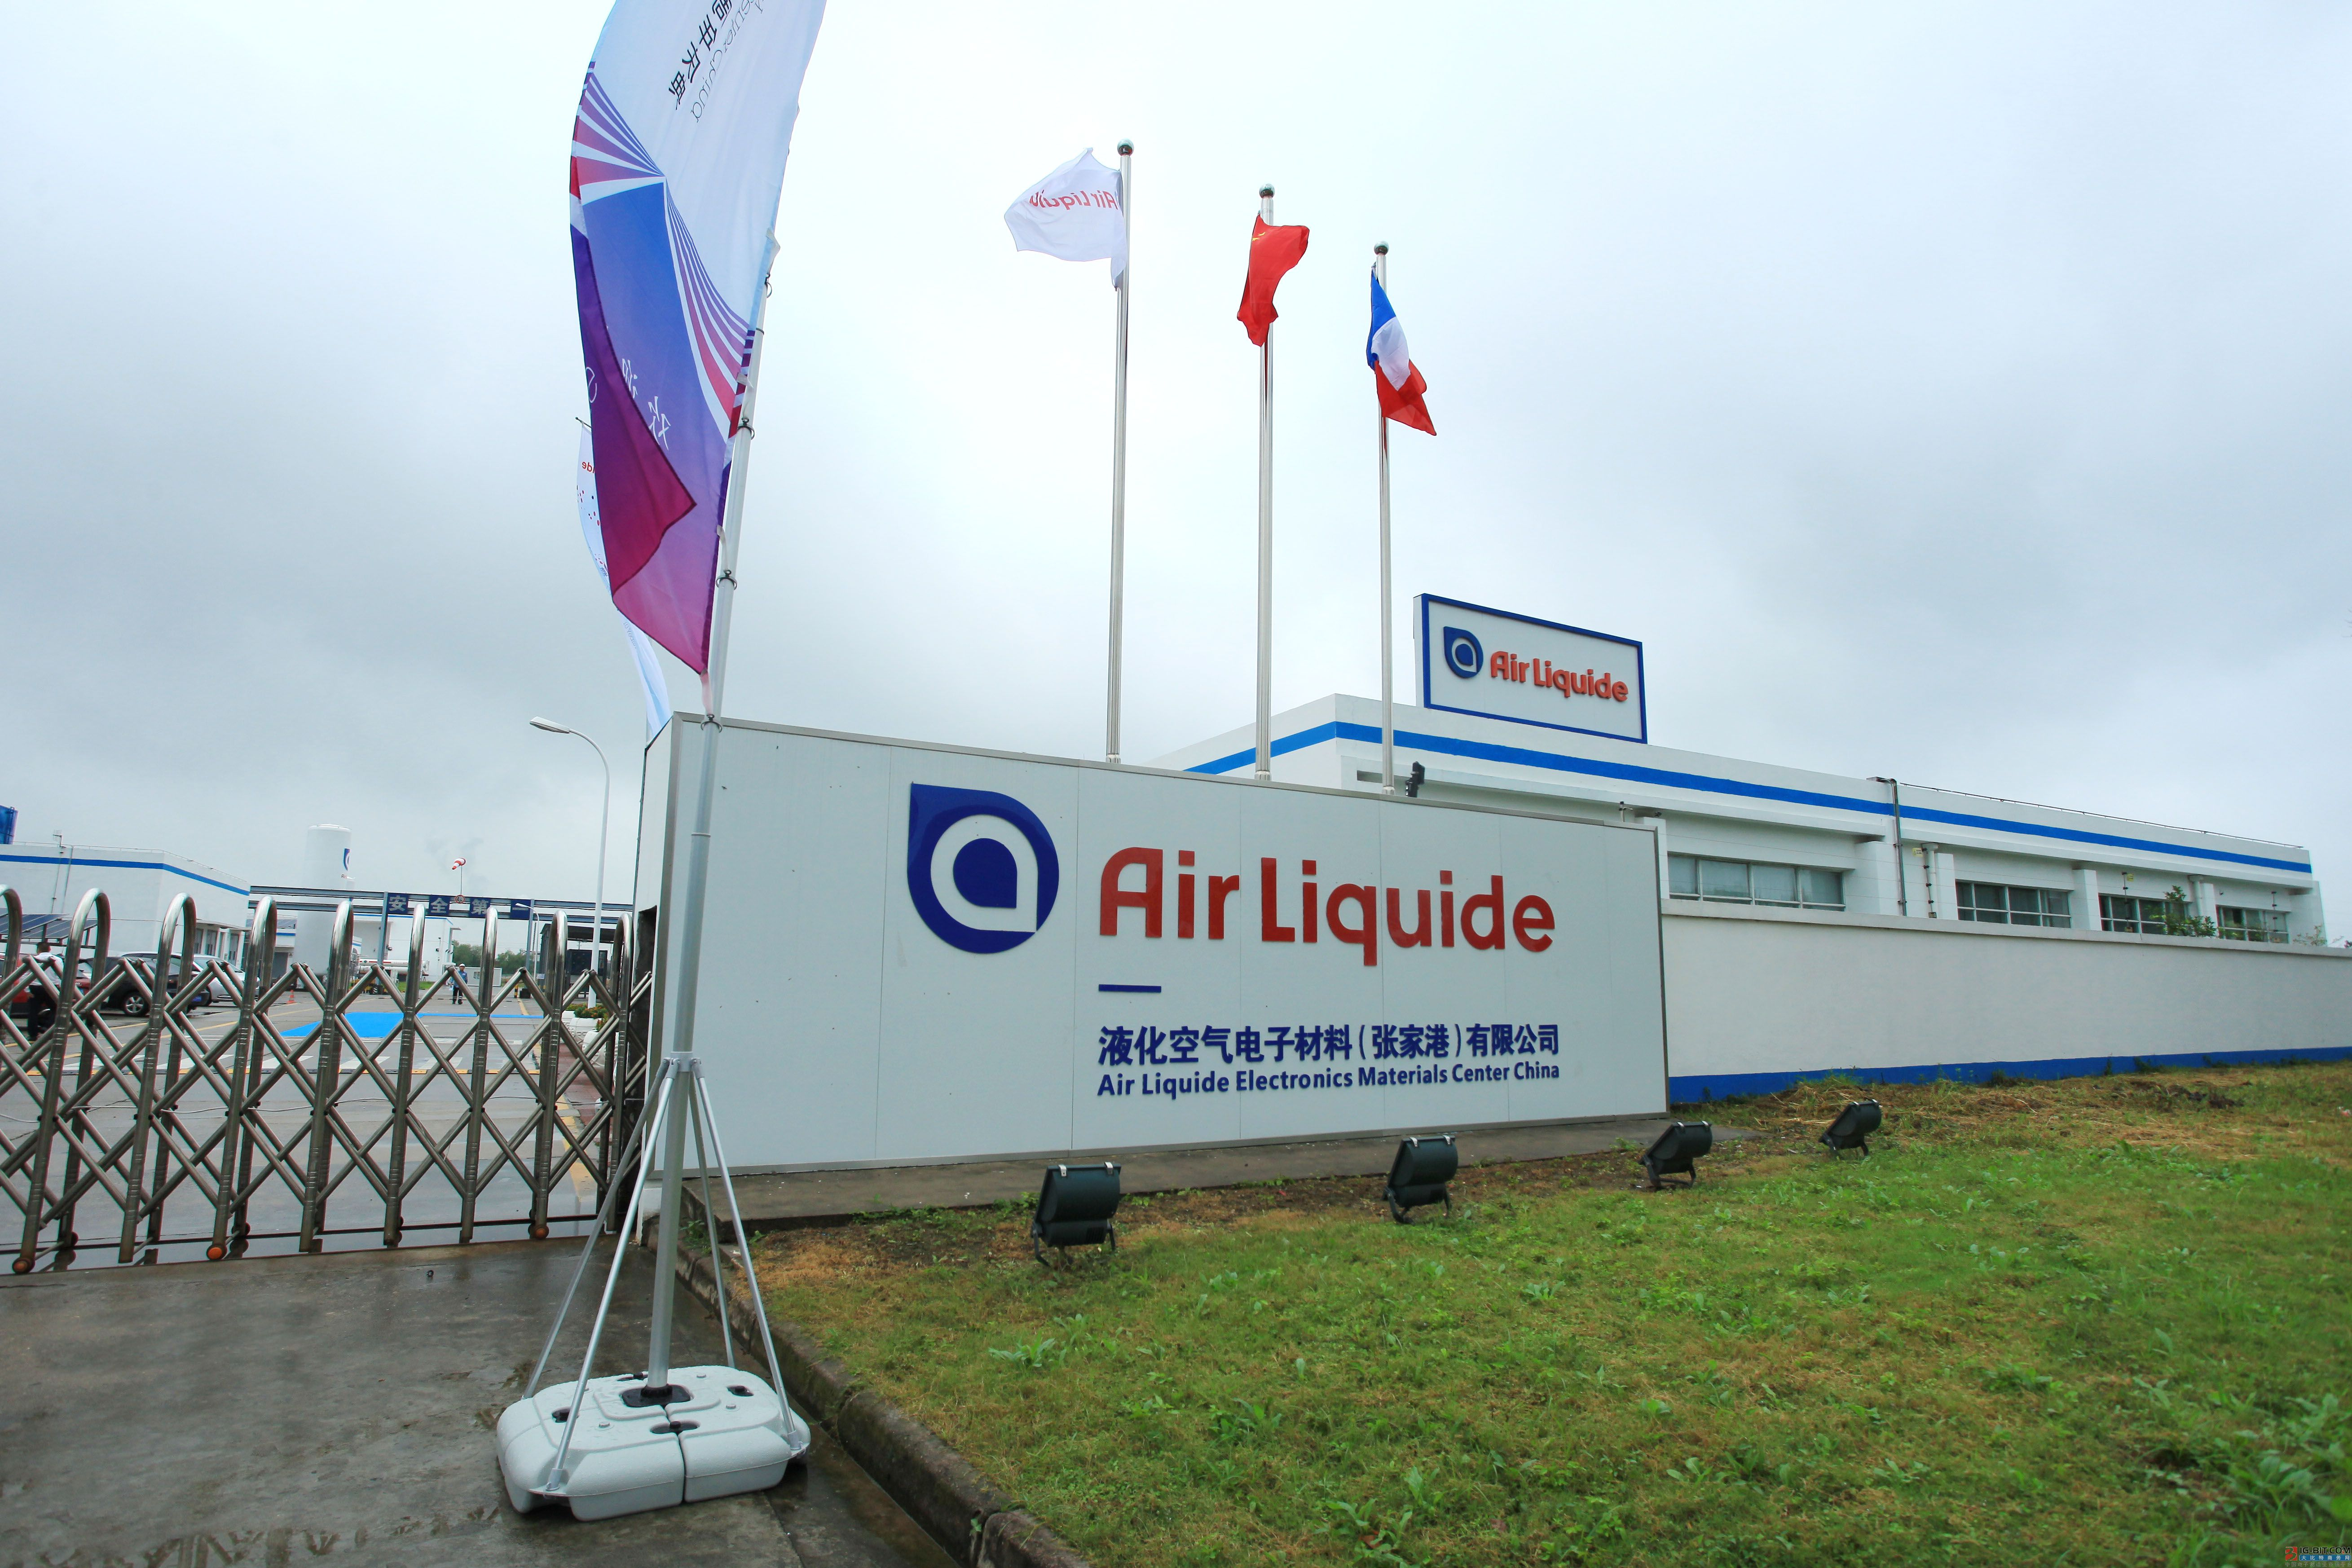 液化空气中国电子材料中心庆祝成立十周年暨三期项目竣工